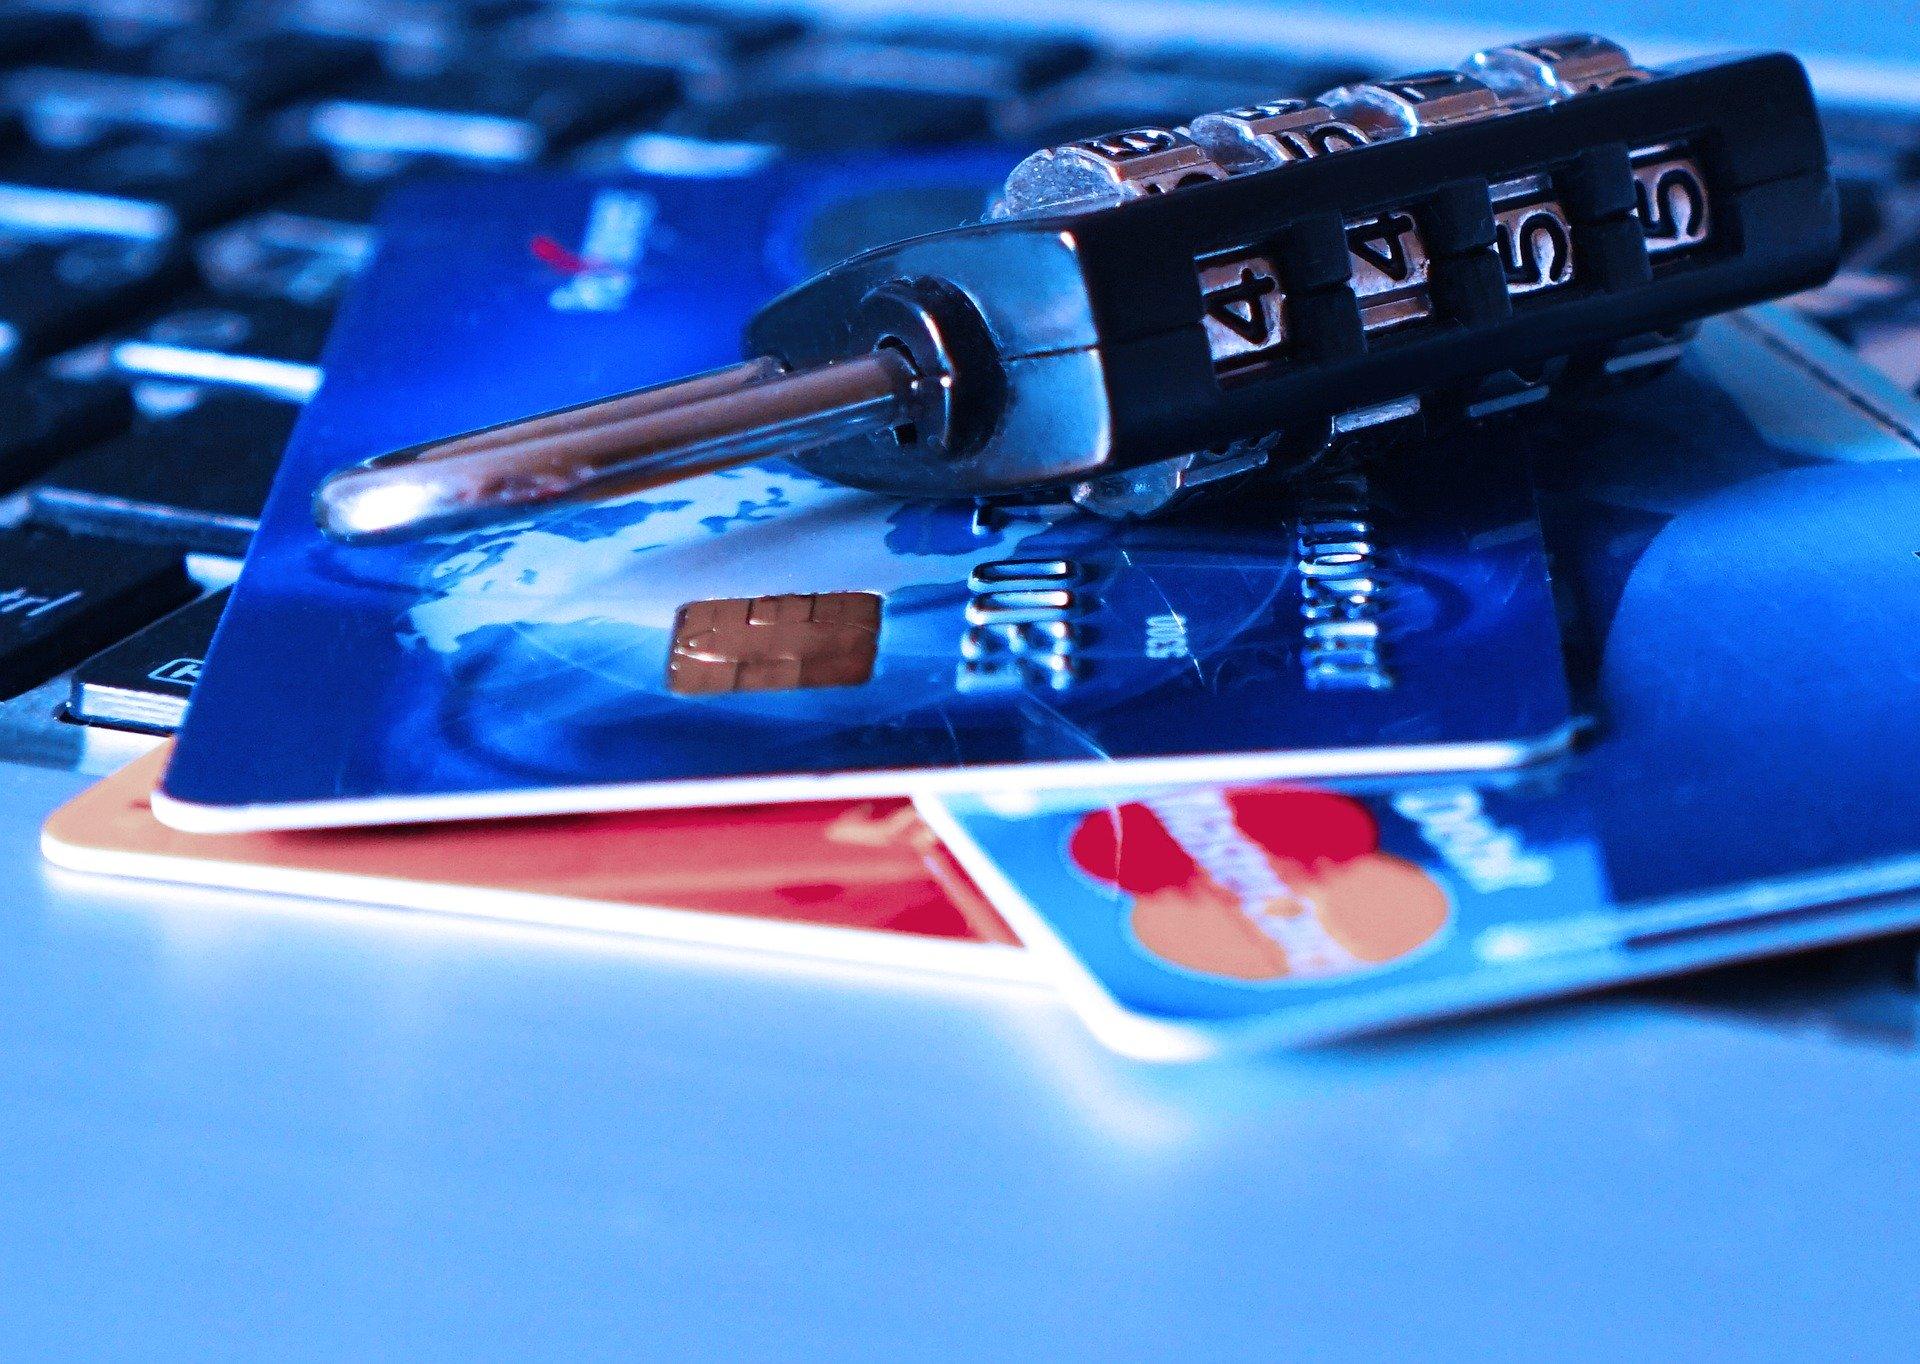 karty płatnicze i dokumenty